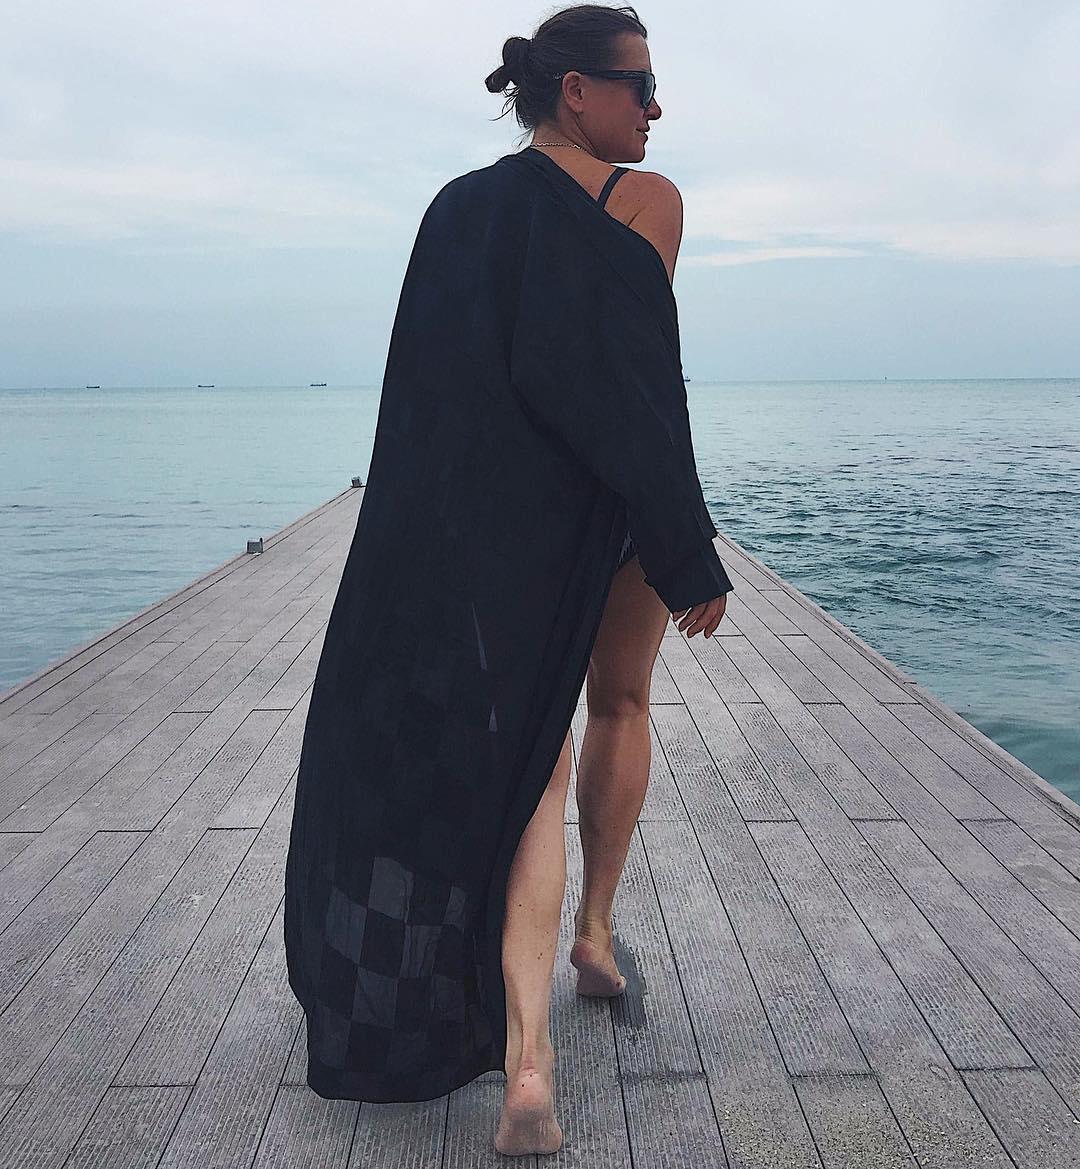 Наталья Могилевская позировала спиной к камере